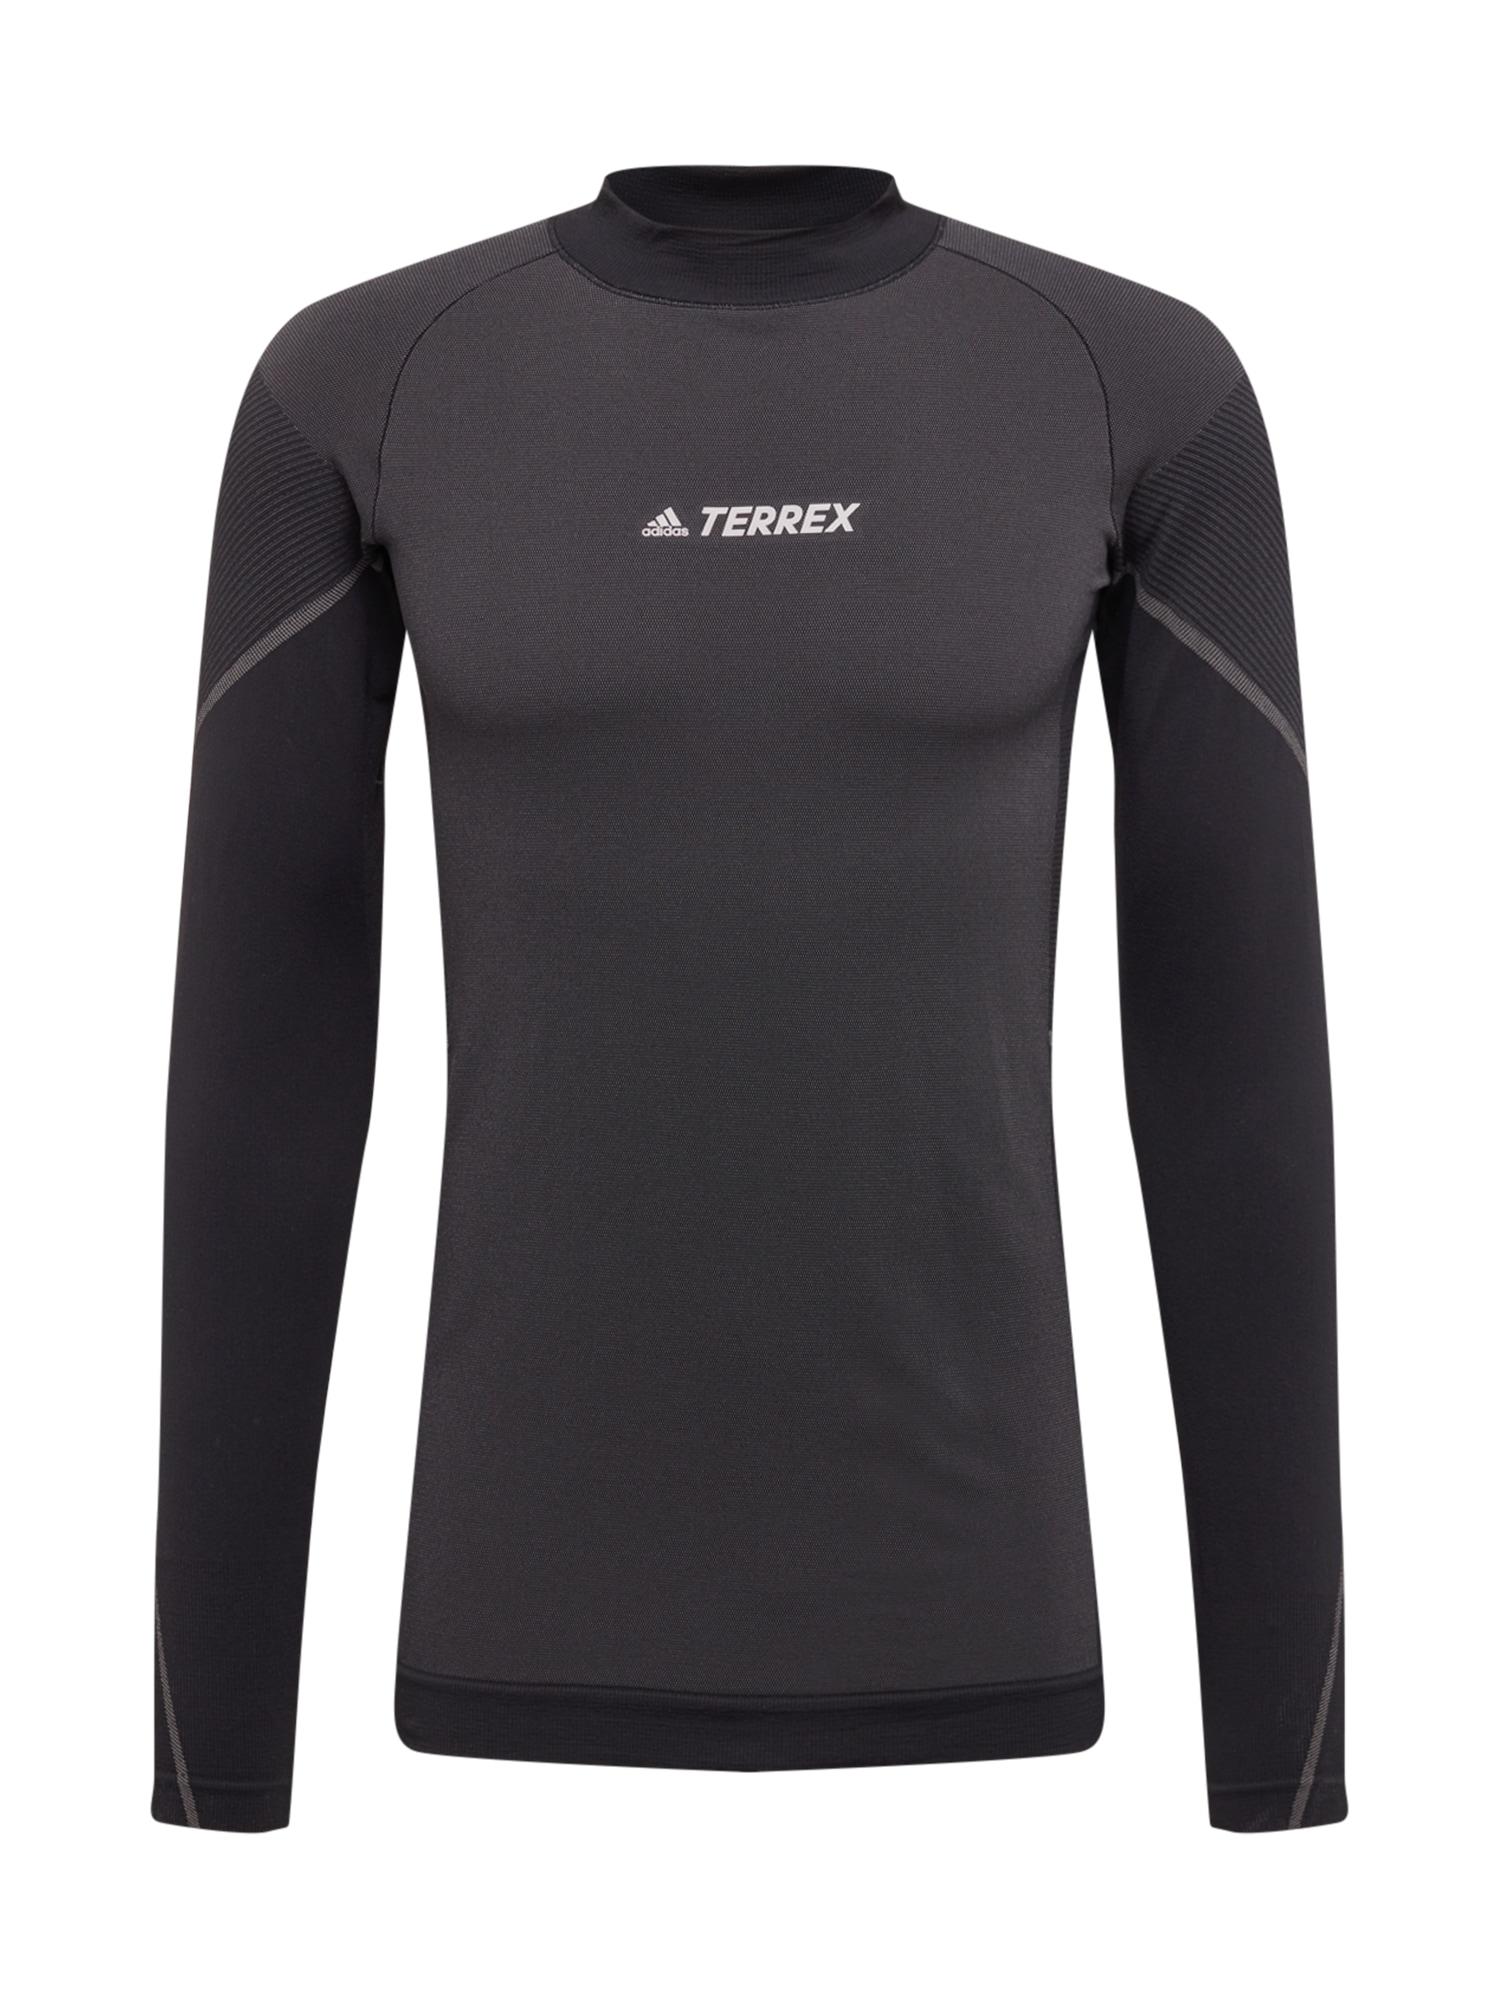 ADIDAS PERFORMANCE Sportiniai marškinėliai juoda / tamsiai pilka / balta